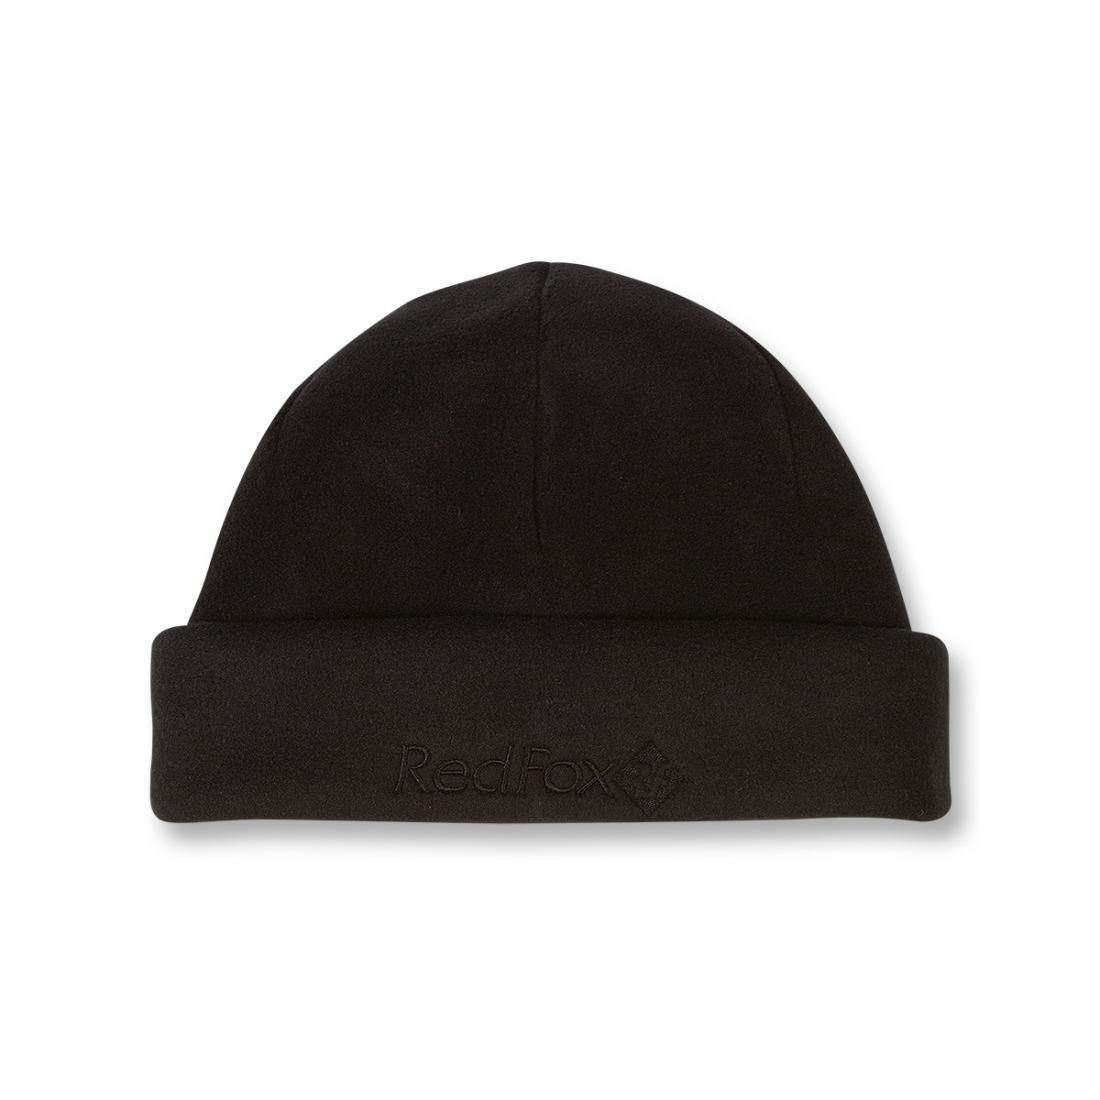 Шапка Polartec ClassicШапки<br><br> Теплая шапка классического дизайна из материала Polartec® 200<br><br><br> Основные характеристики<br><br><br>комфортная посадка<br>эргоном...<br><br>Цвет: Черный<br>Размер: 60